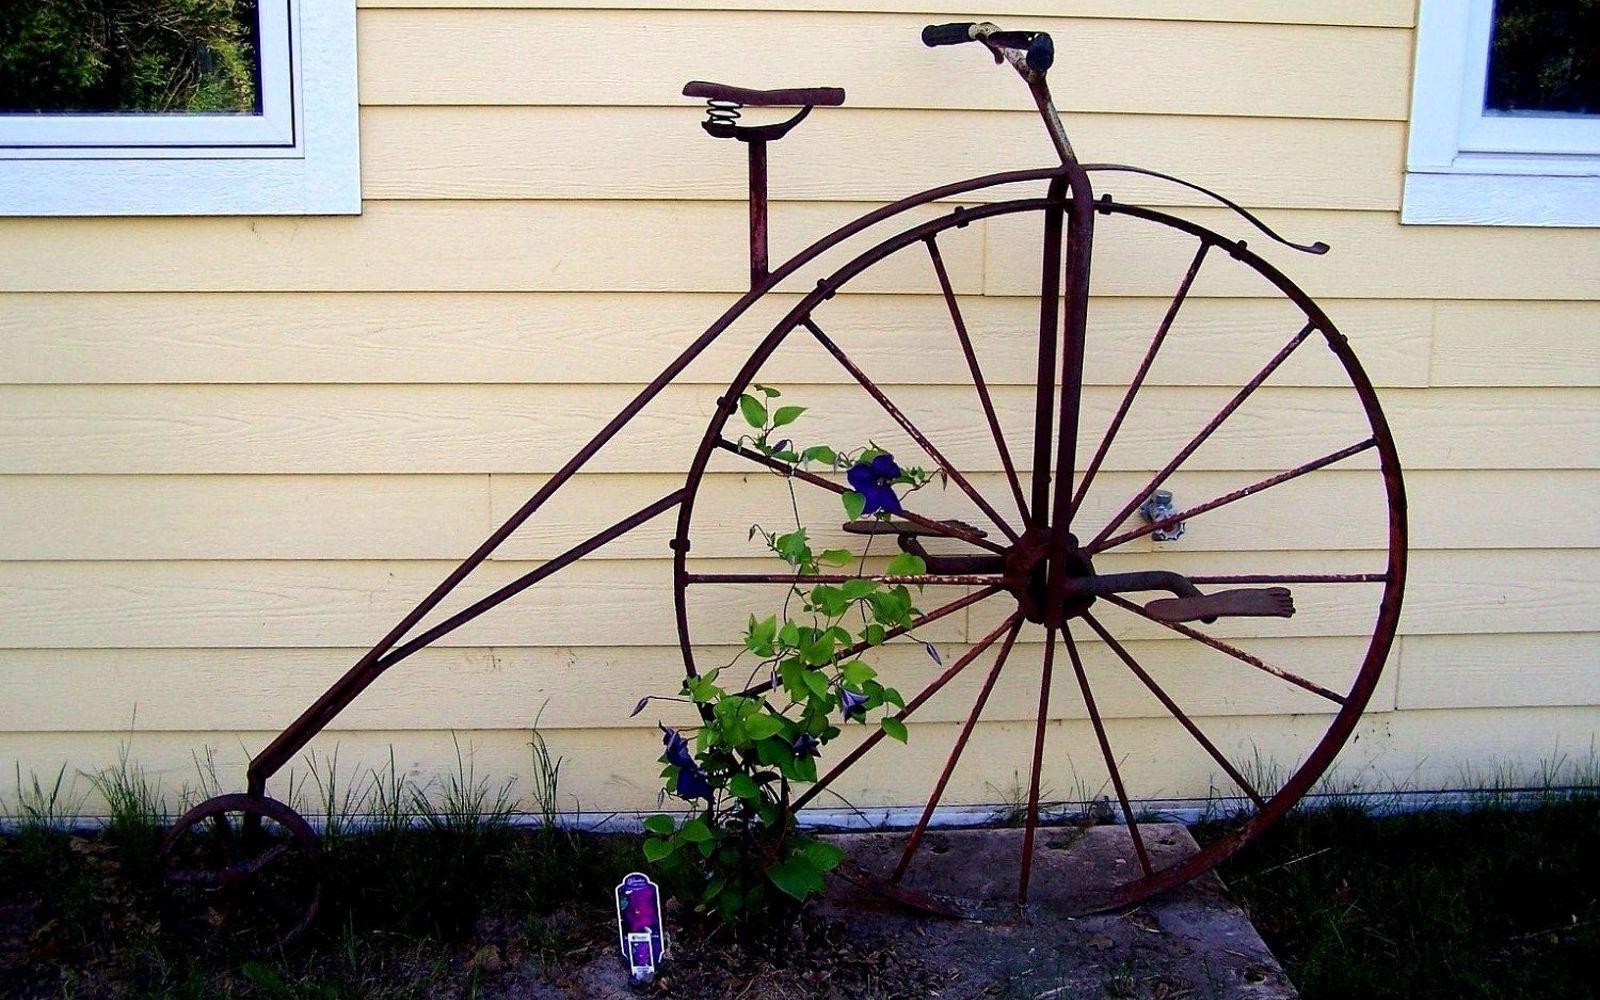 s 17 ways to build a gorgeous garden trellis this summer, gardening, Or make incredible garden art for climbing